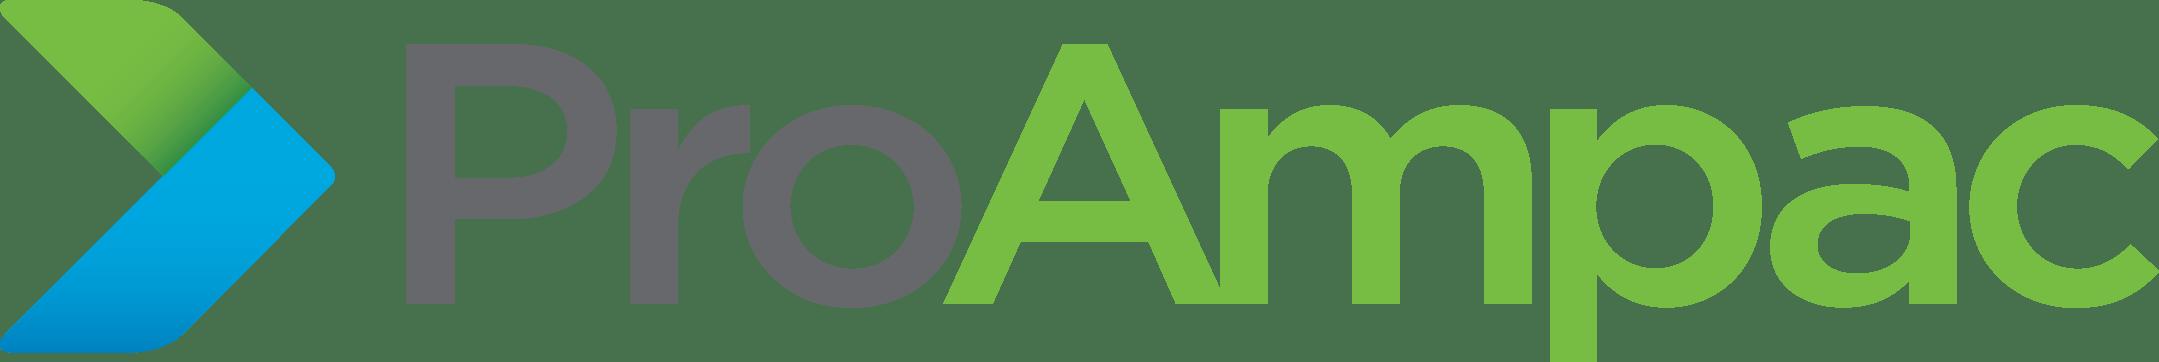 ProAmpac ORYARec Sponsor